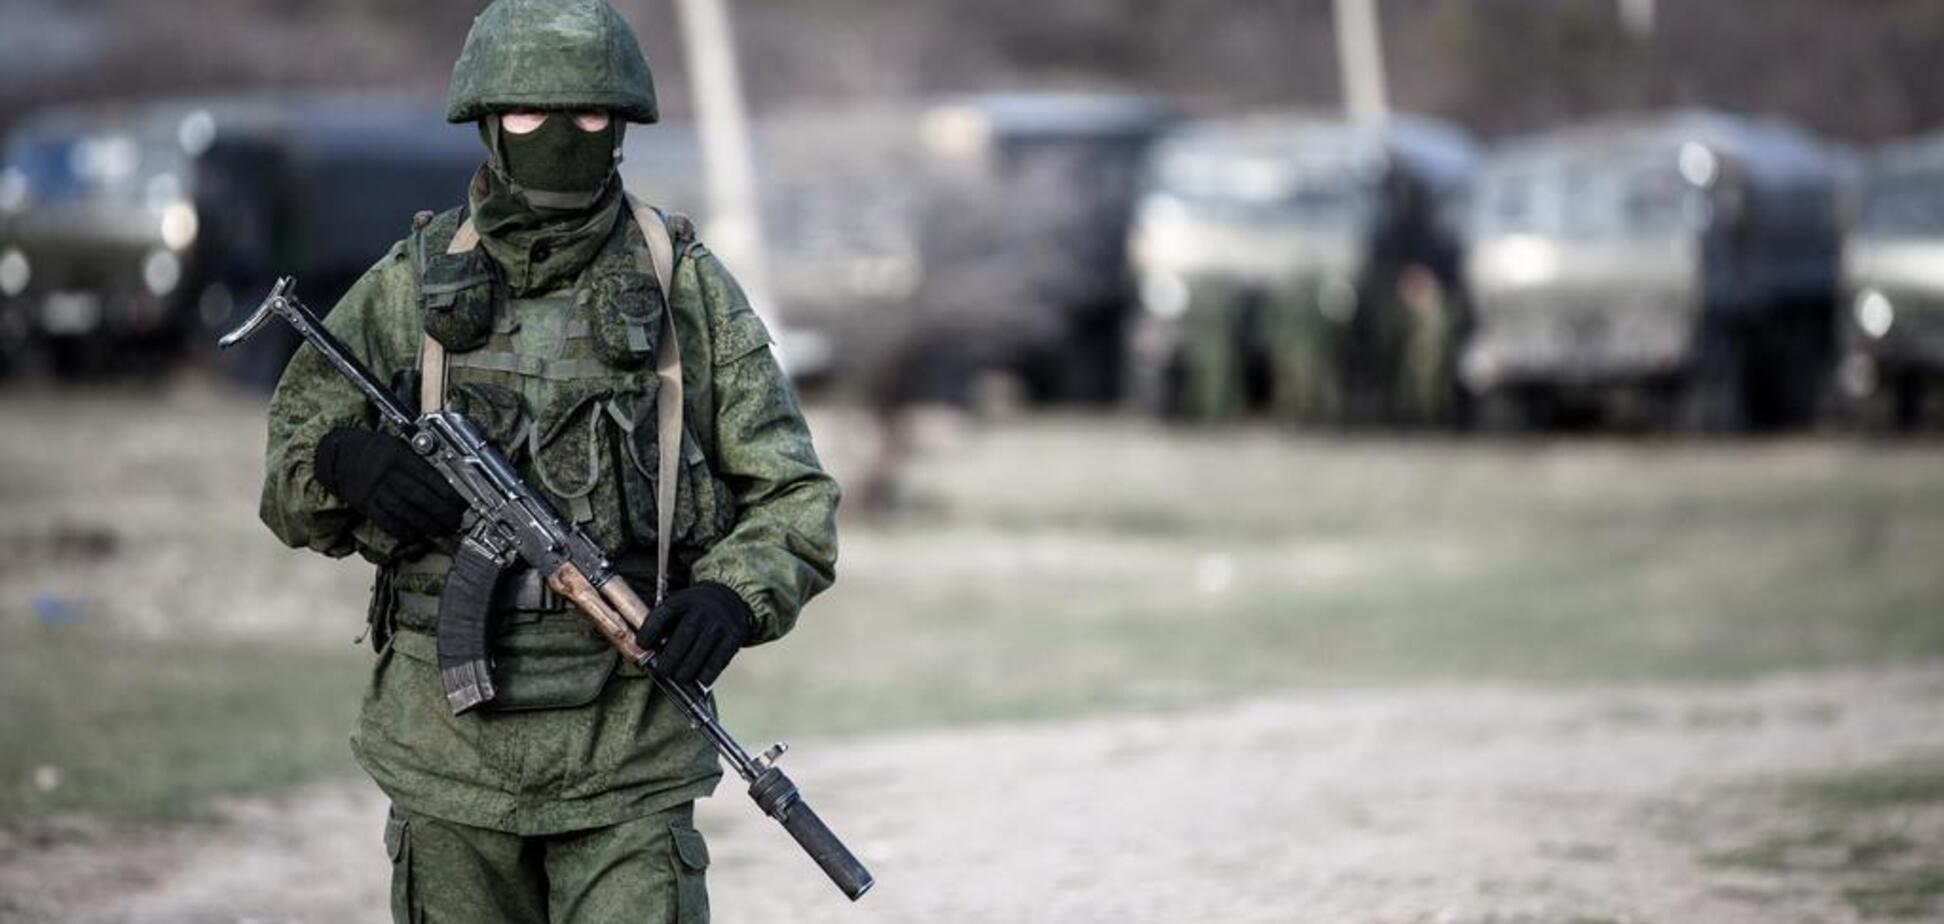 Дають дивні препарати: Росія проводить експерименти над людьми на Донбасі